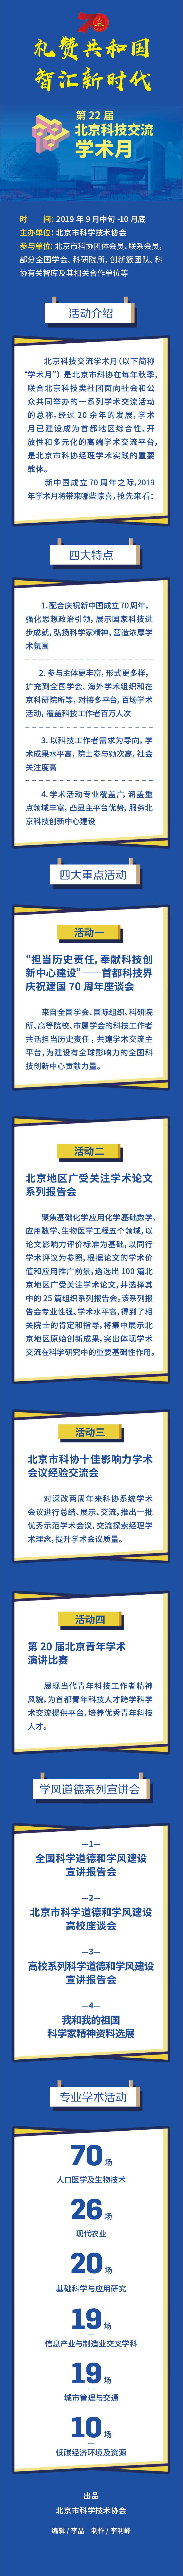 学术月长图(重要ζ 活动及亮点).jpg